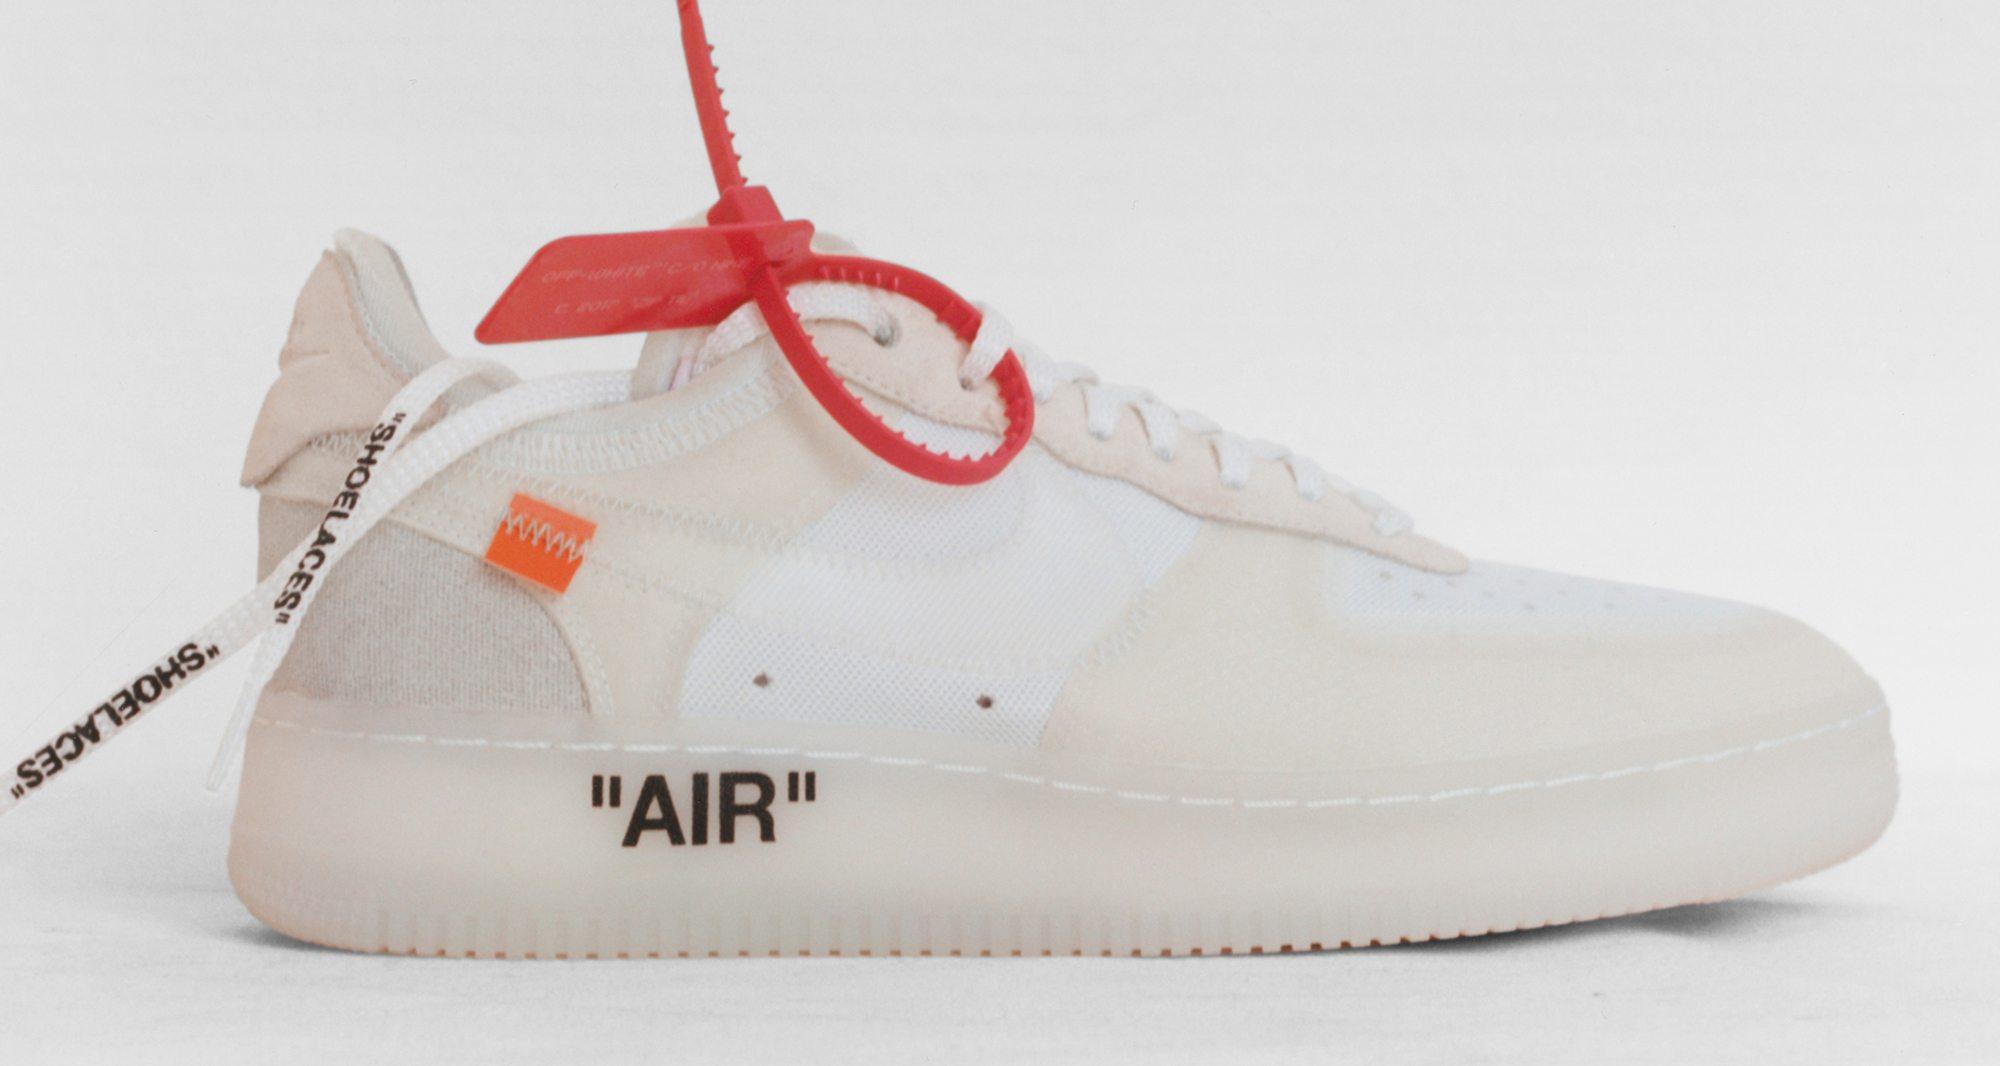 big sale 1a6da 50faa Off-White x Nike Air Force 1 Low    Release Date